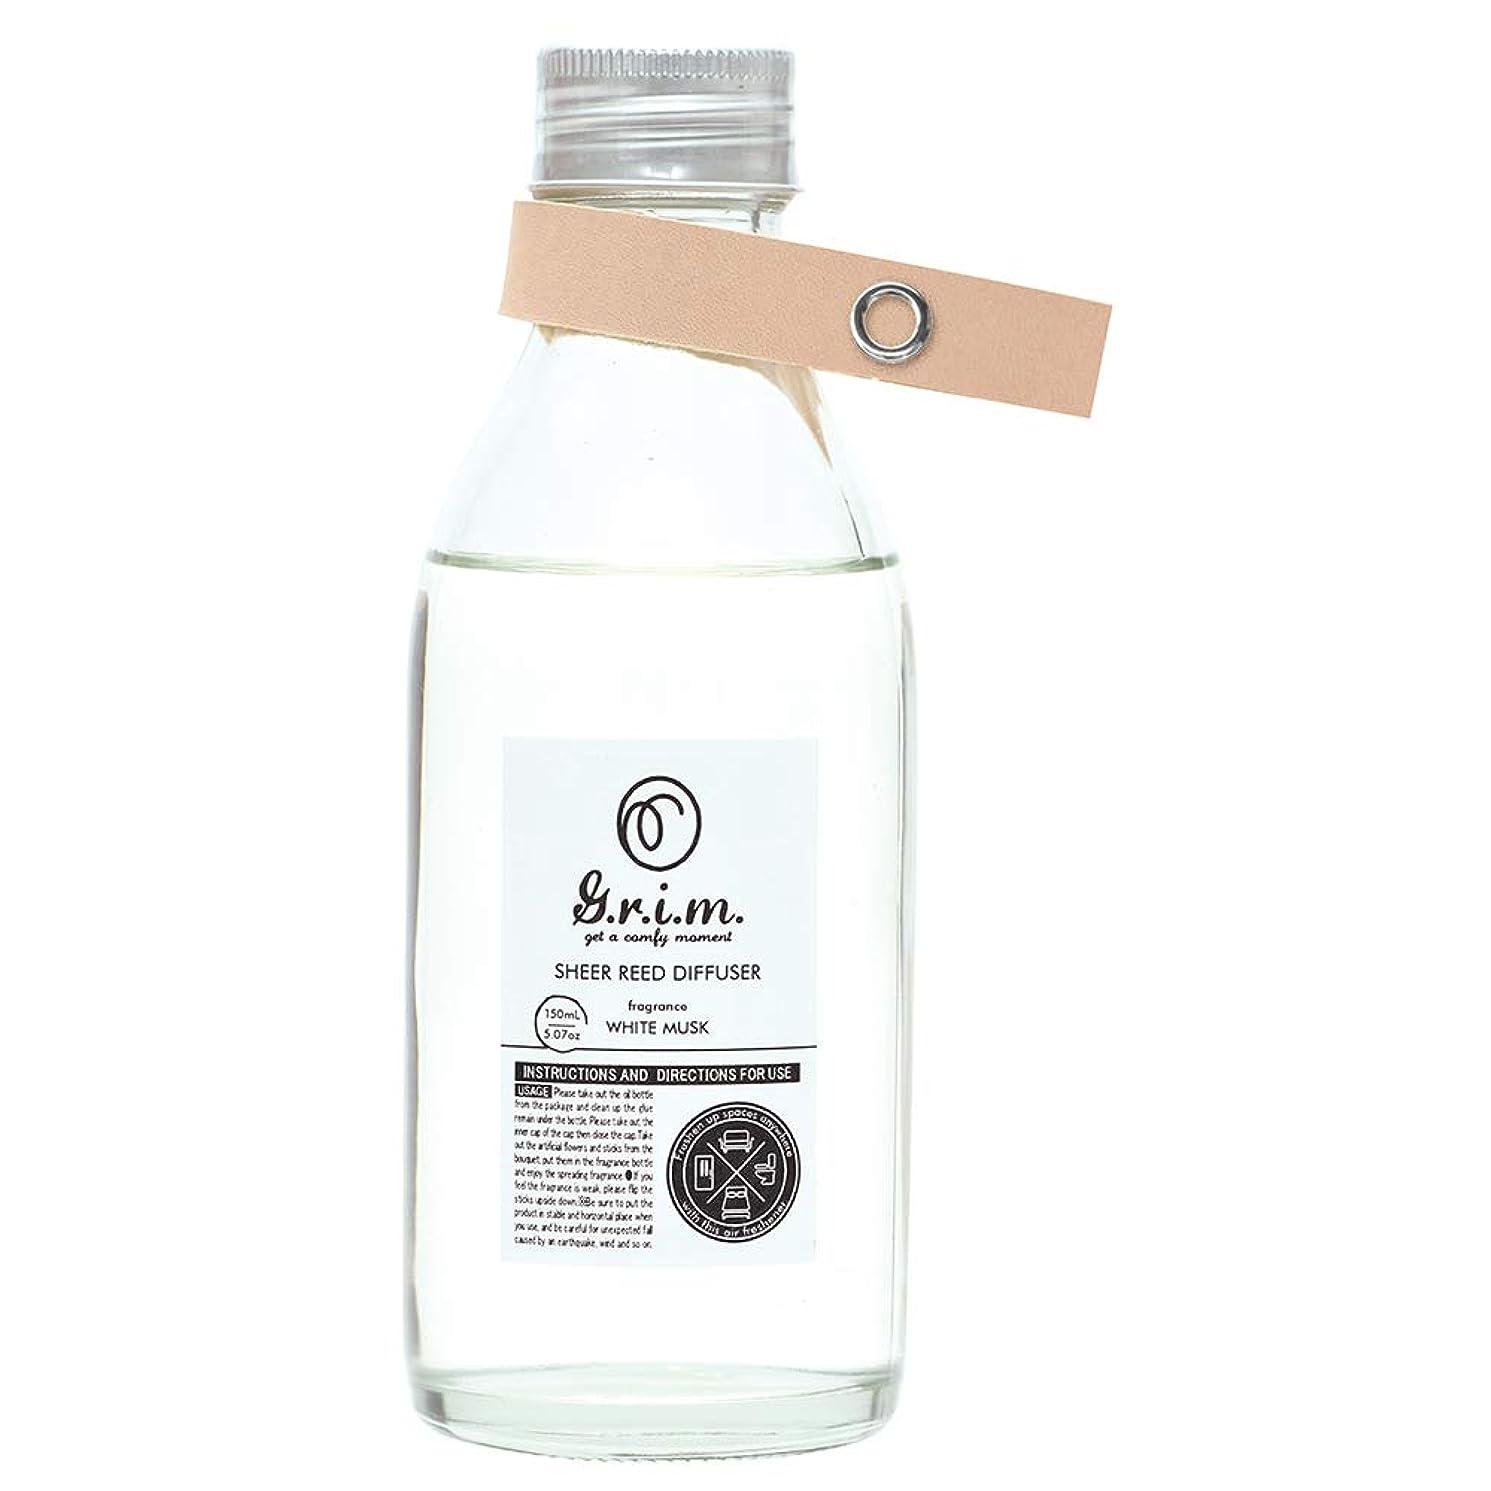 目的嫌い所有権ノルコーポレーション リードディフューザー g.r.i.m 150ml ホワイトムスクの香り OA-GRM-7-1